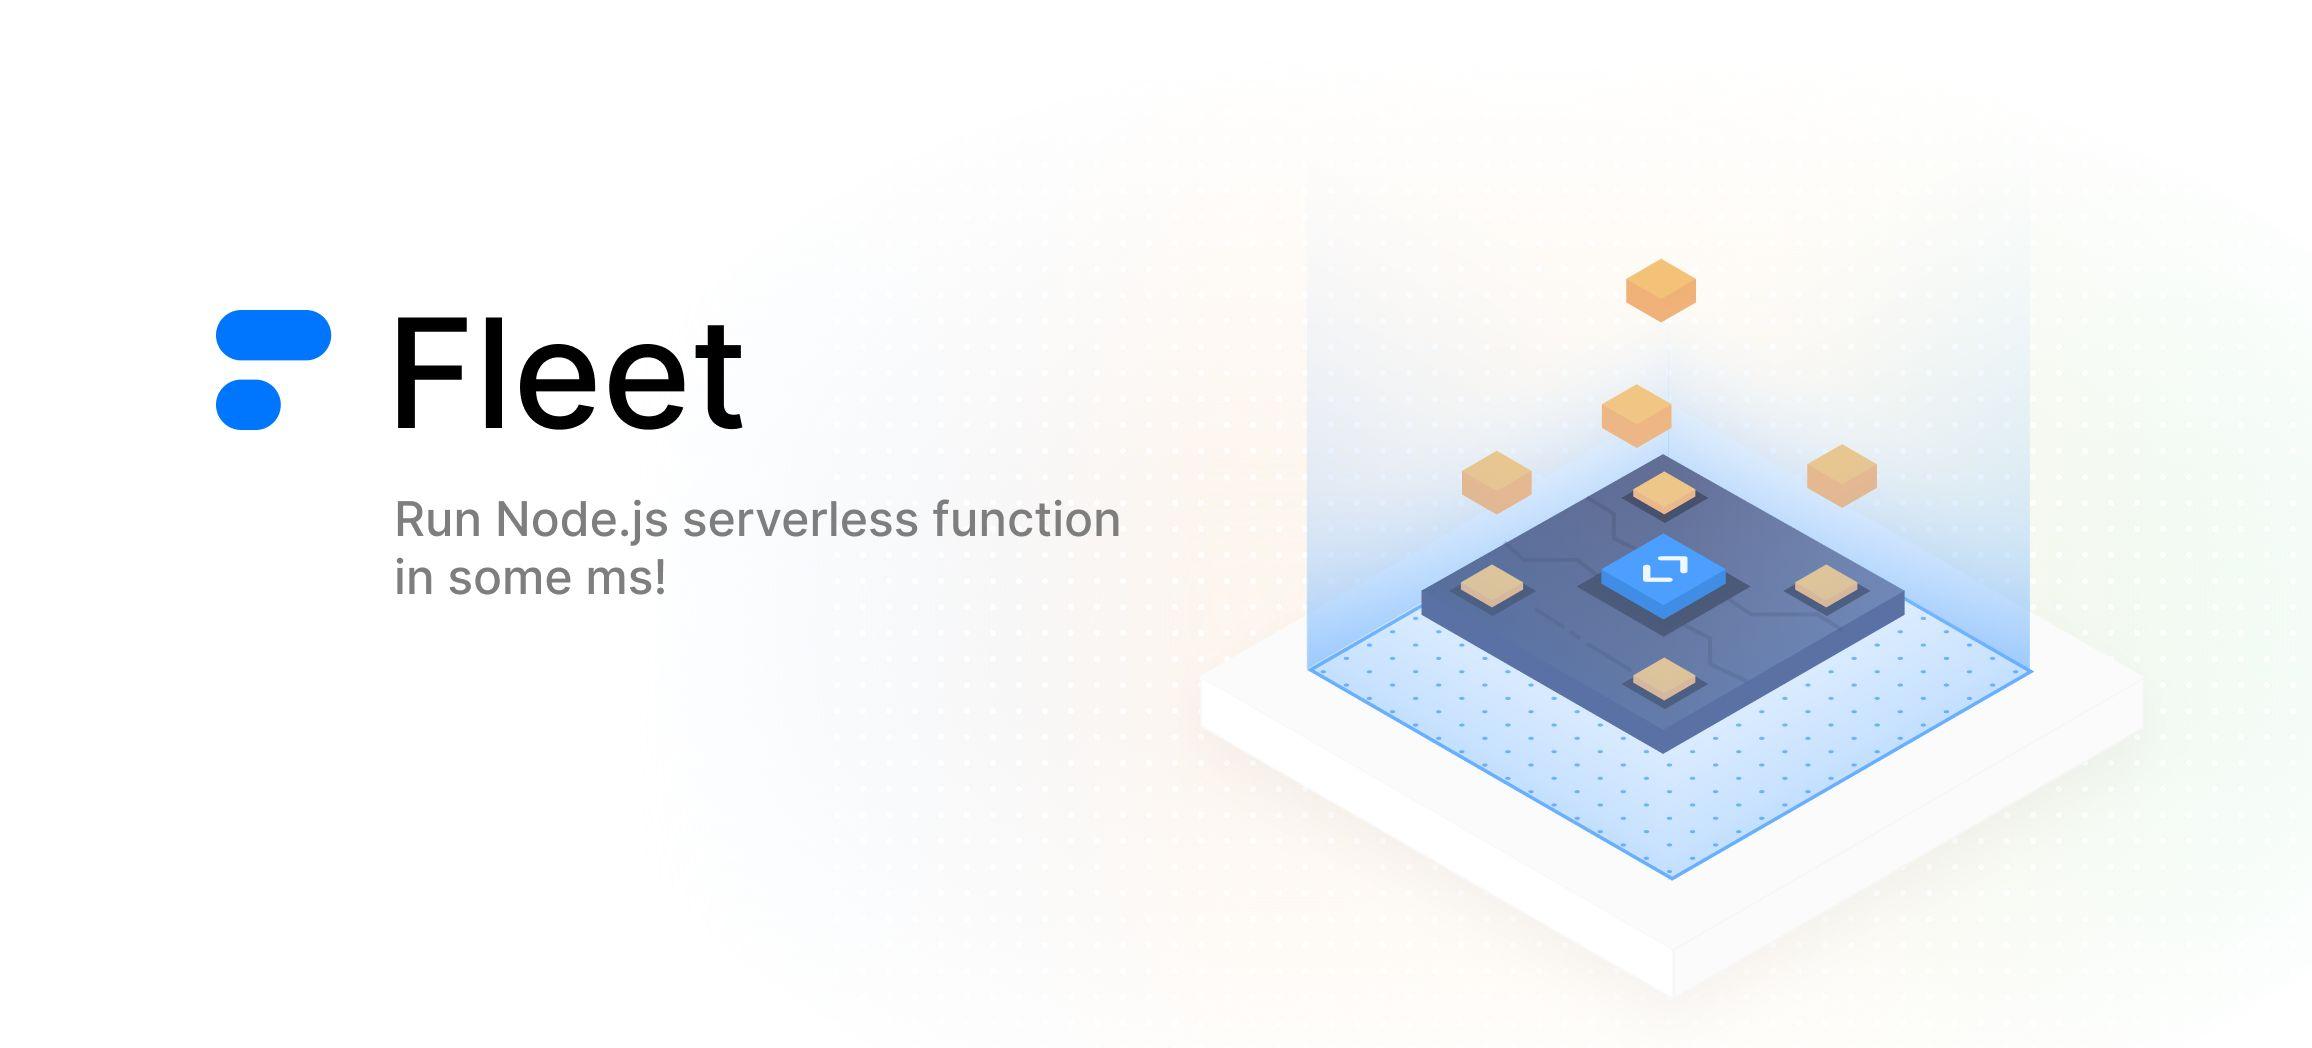 /fleet-serverless-nodejs-function-introduction-zs133udz feature image